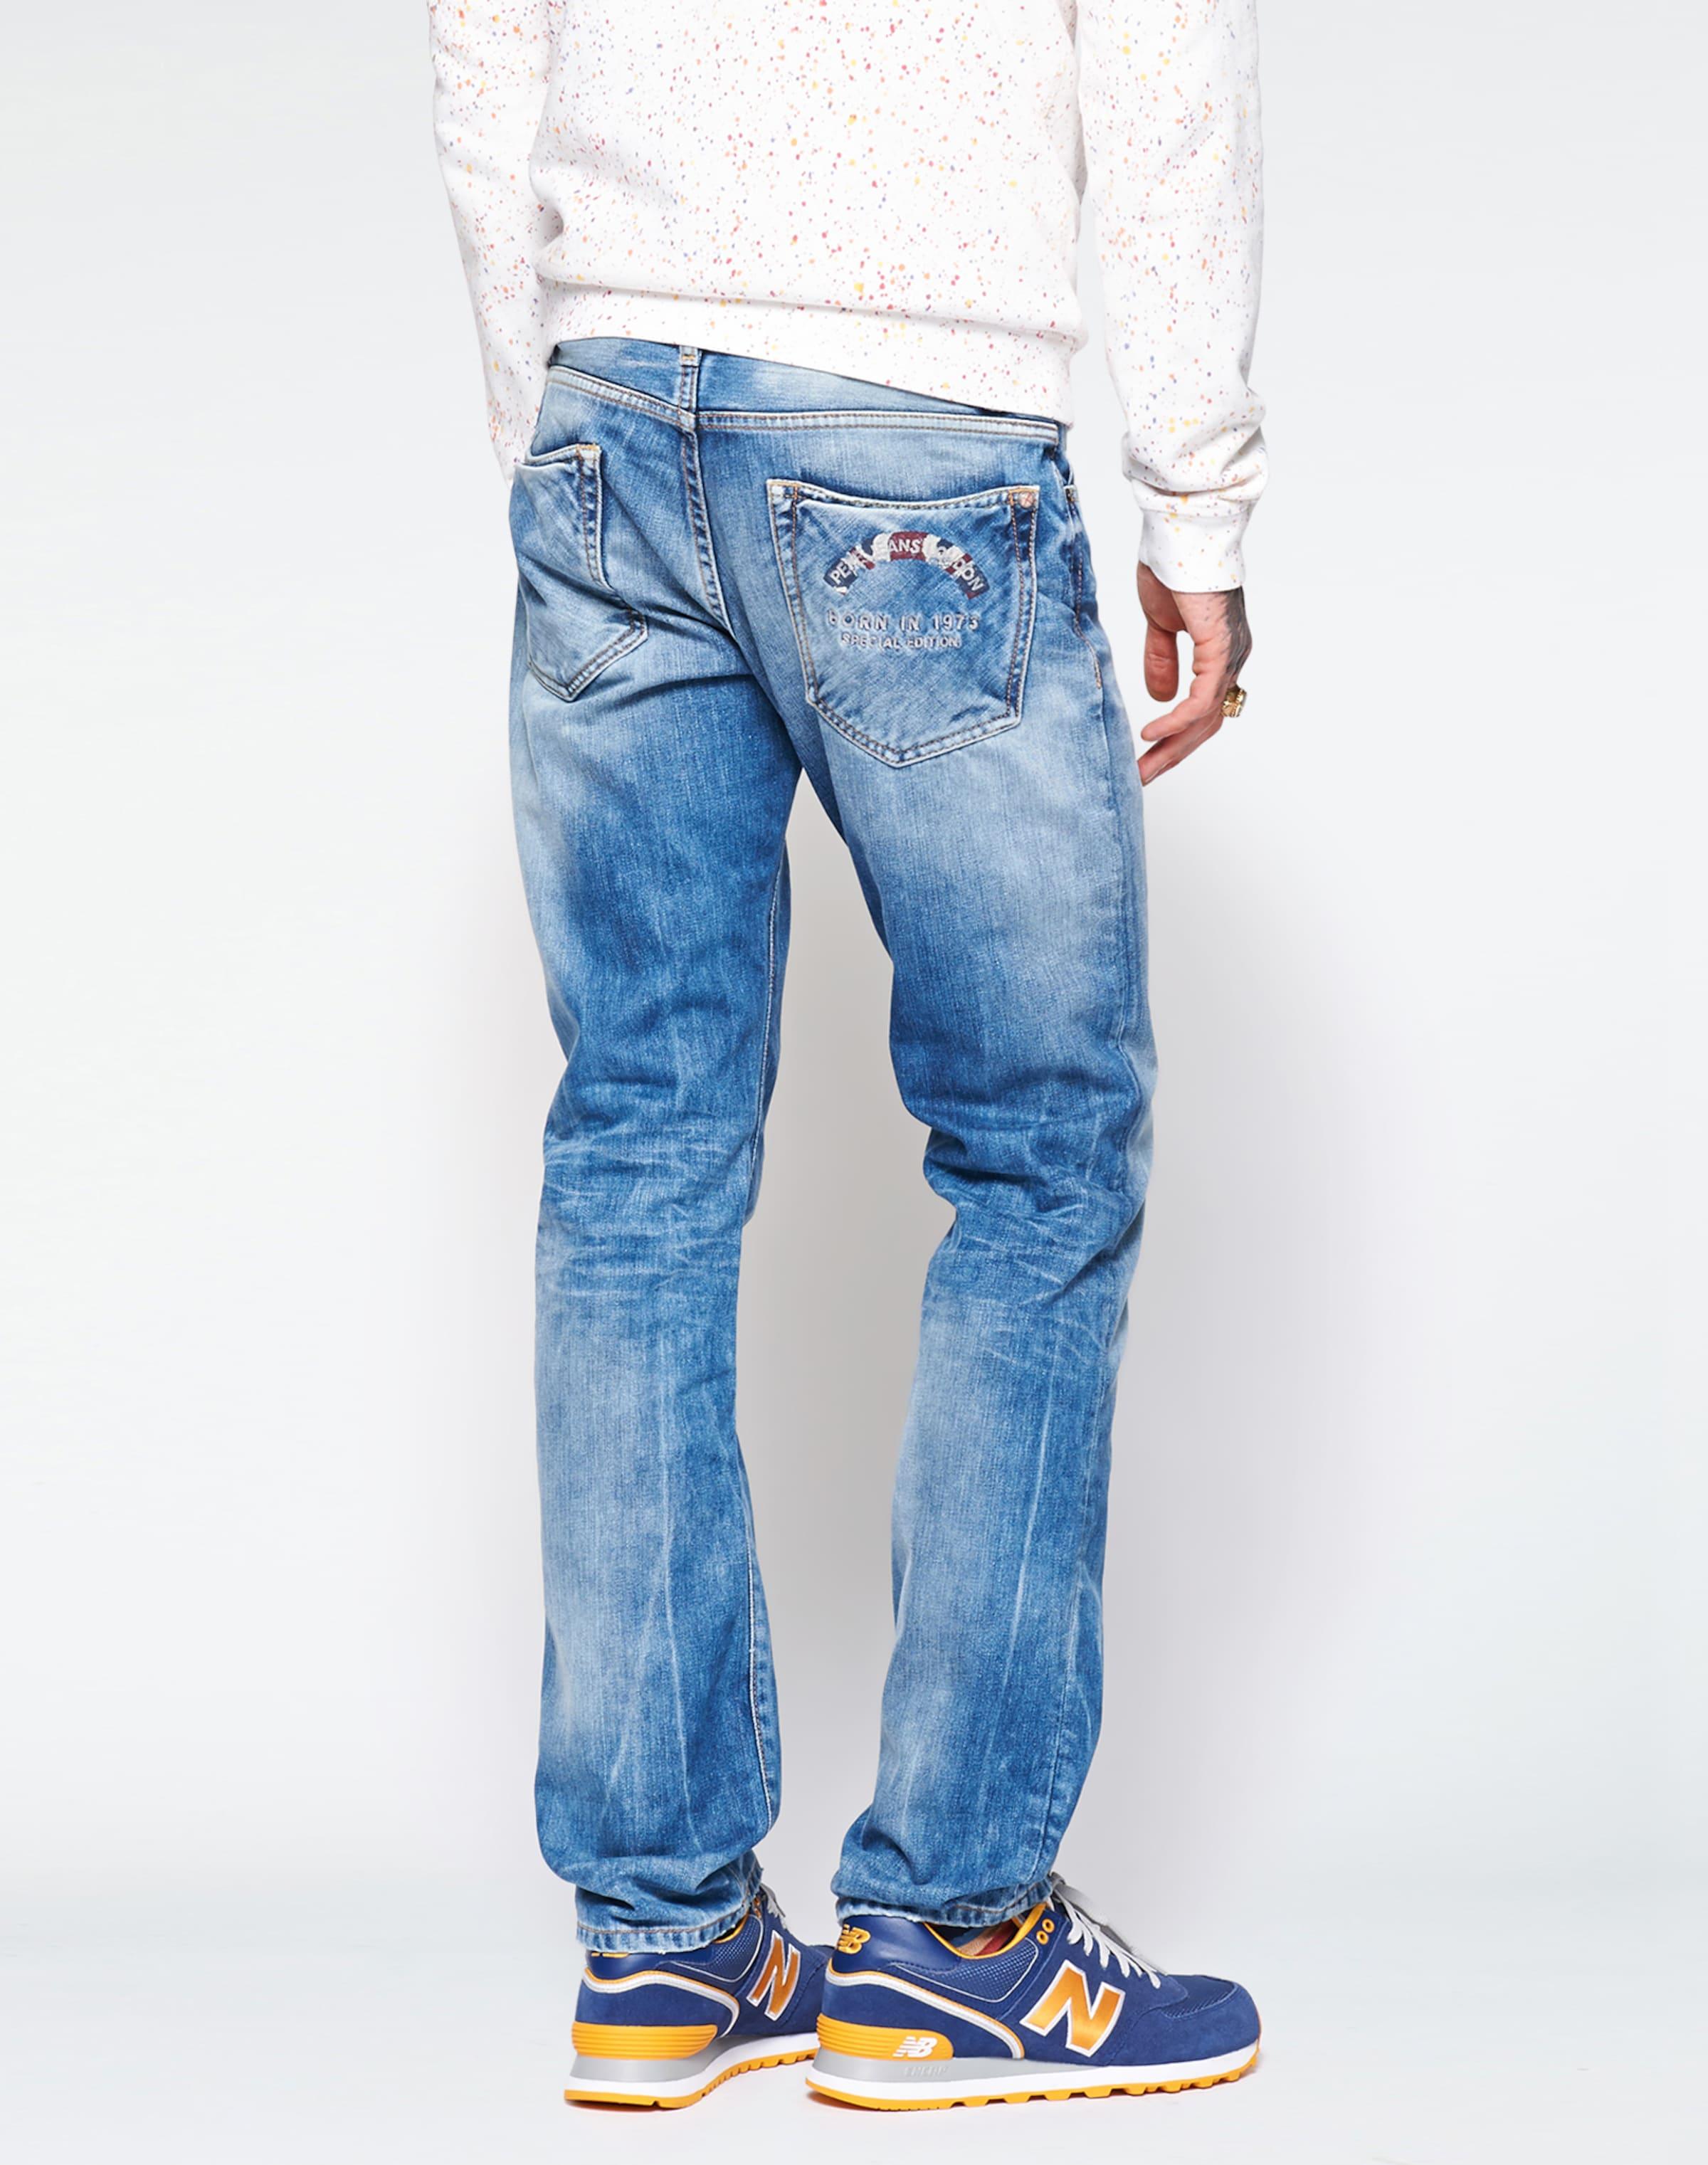 Pepe Jeans Jeans 'Cash' Versandrabatt Authentisch Outlet-Store Zum Verkauf Spielraum Erkunden Freies Verschiffen Bequem Billig Verkauf Empfehlen 9biHZE